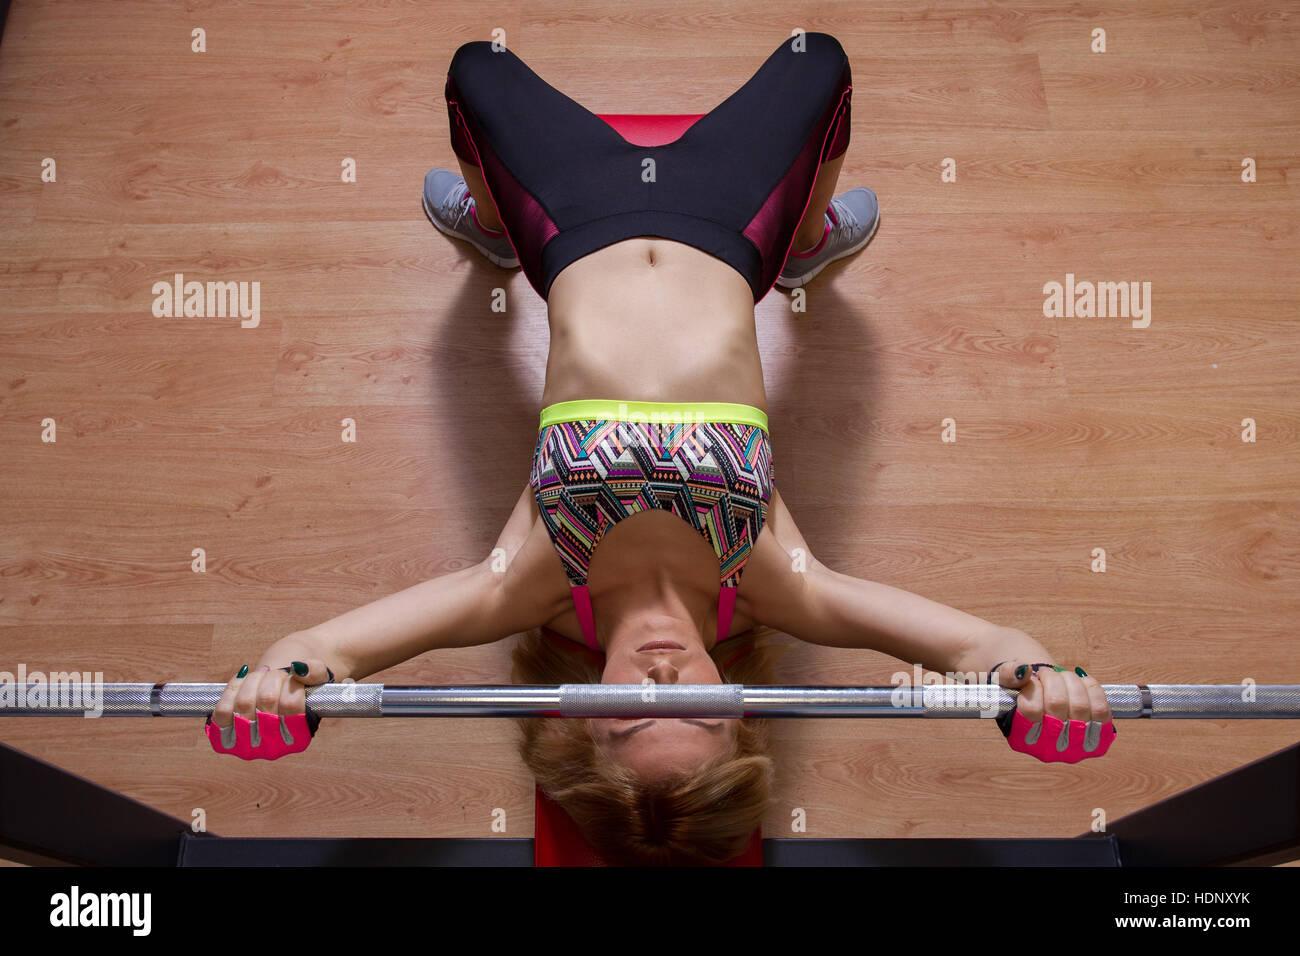 Ejercítese en el gimnasio de deportes, chica rubia entrenamiento en el gimnasio Imagen De Stock